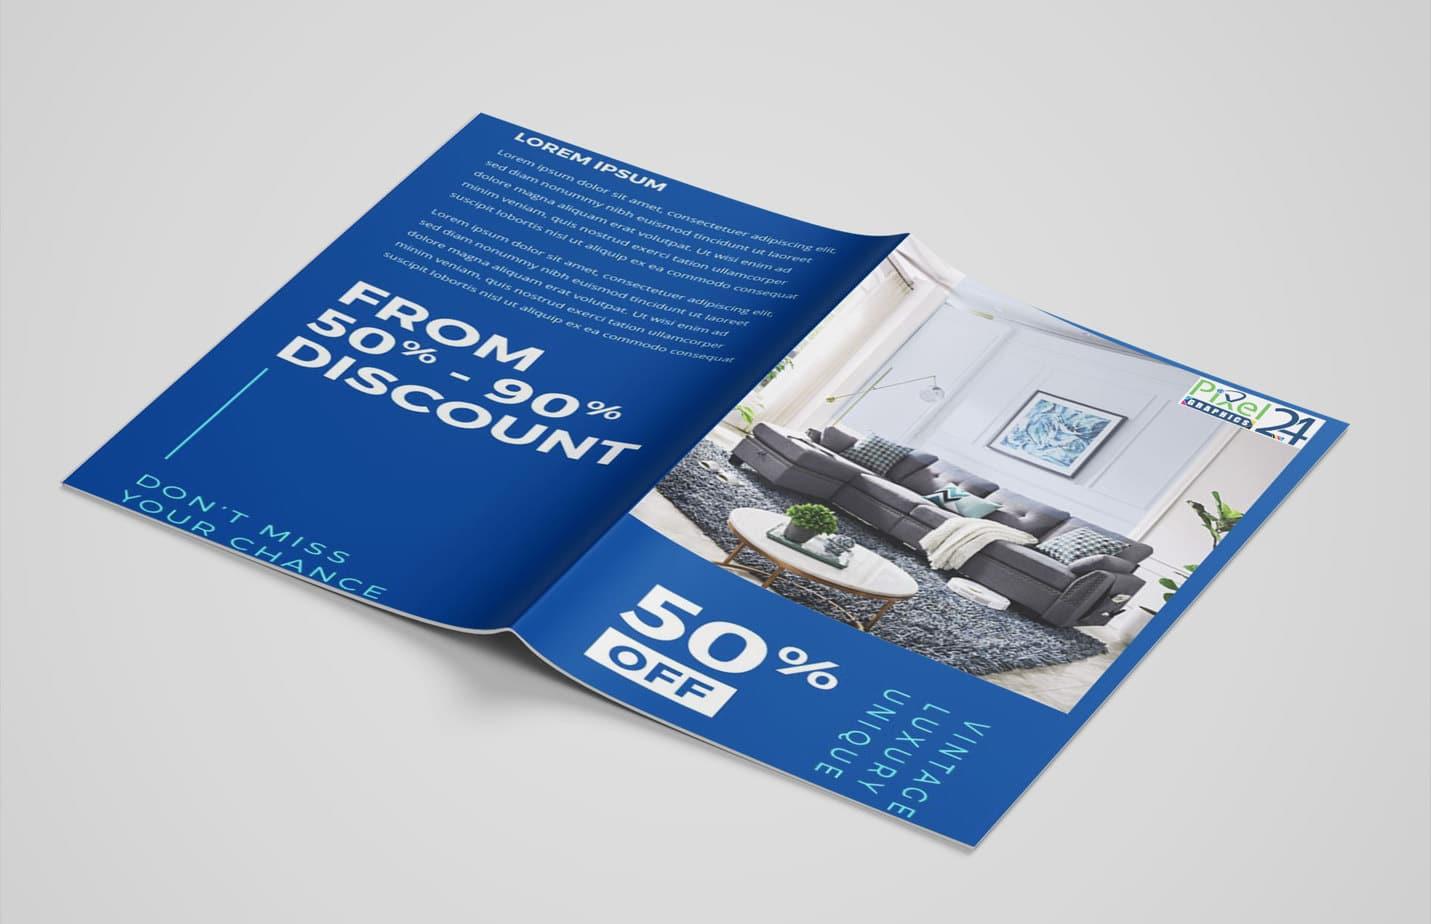 Catalog Design,Graphics Designing,graphic design services, graphic design online, IT Solution Park, illustration design, graphic design companies,